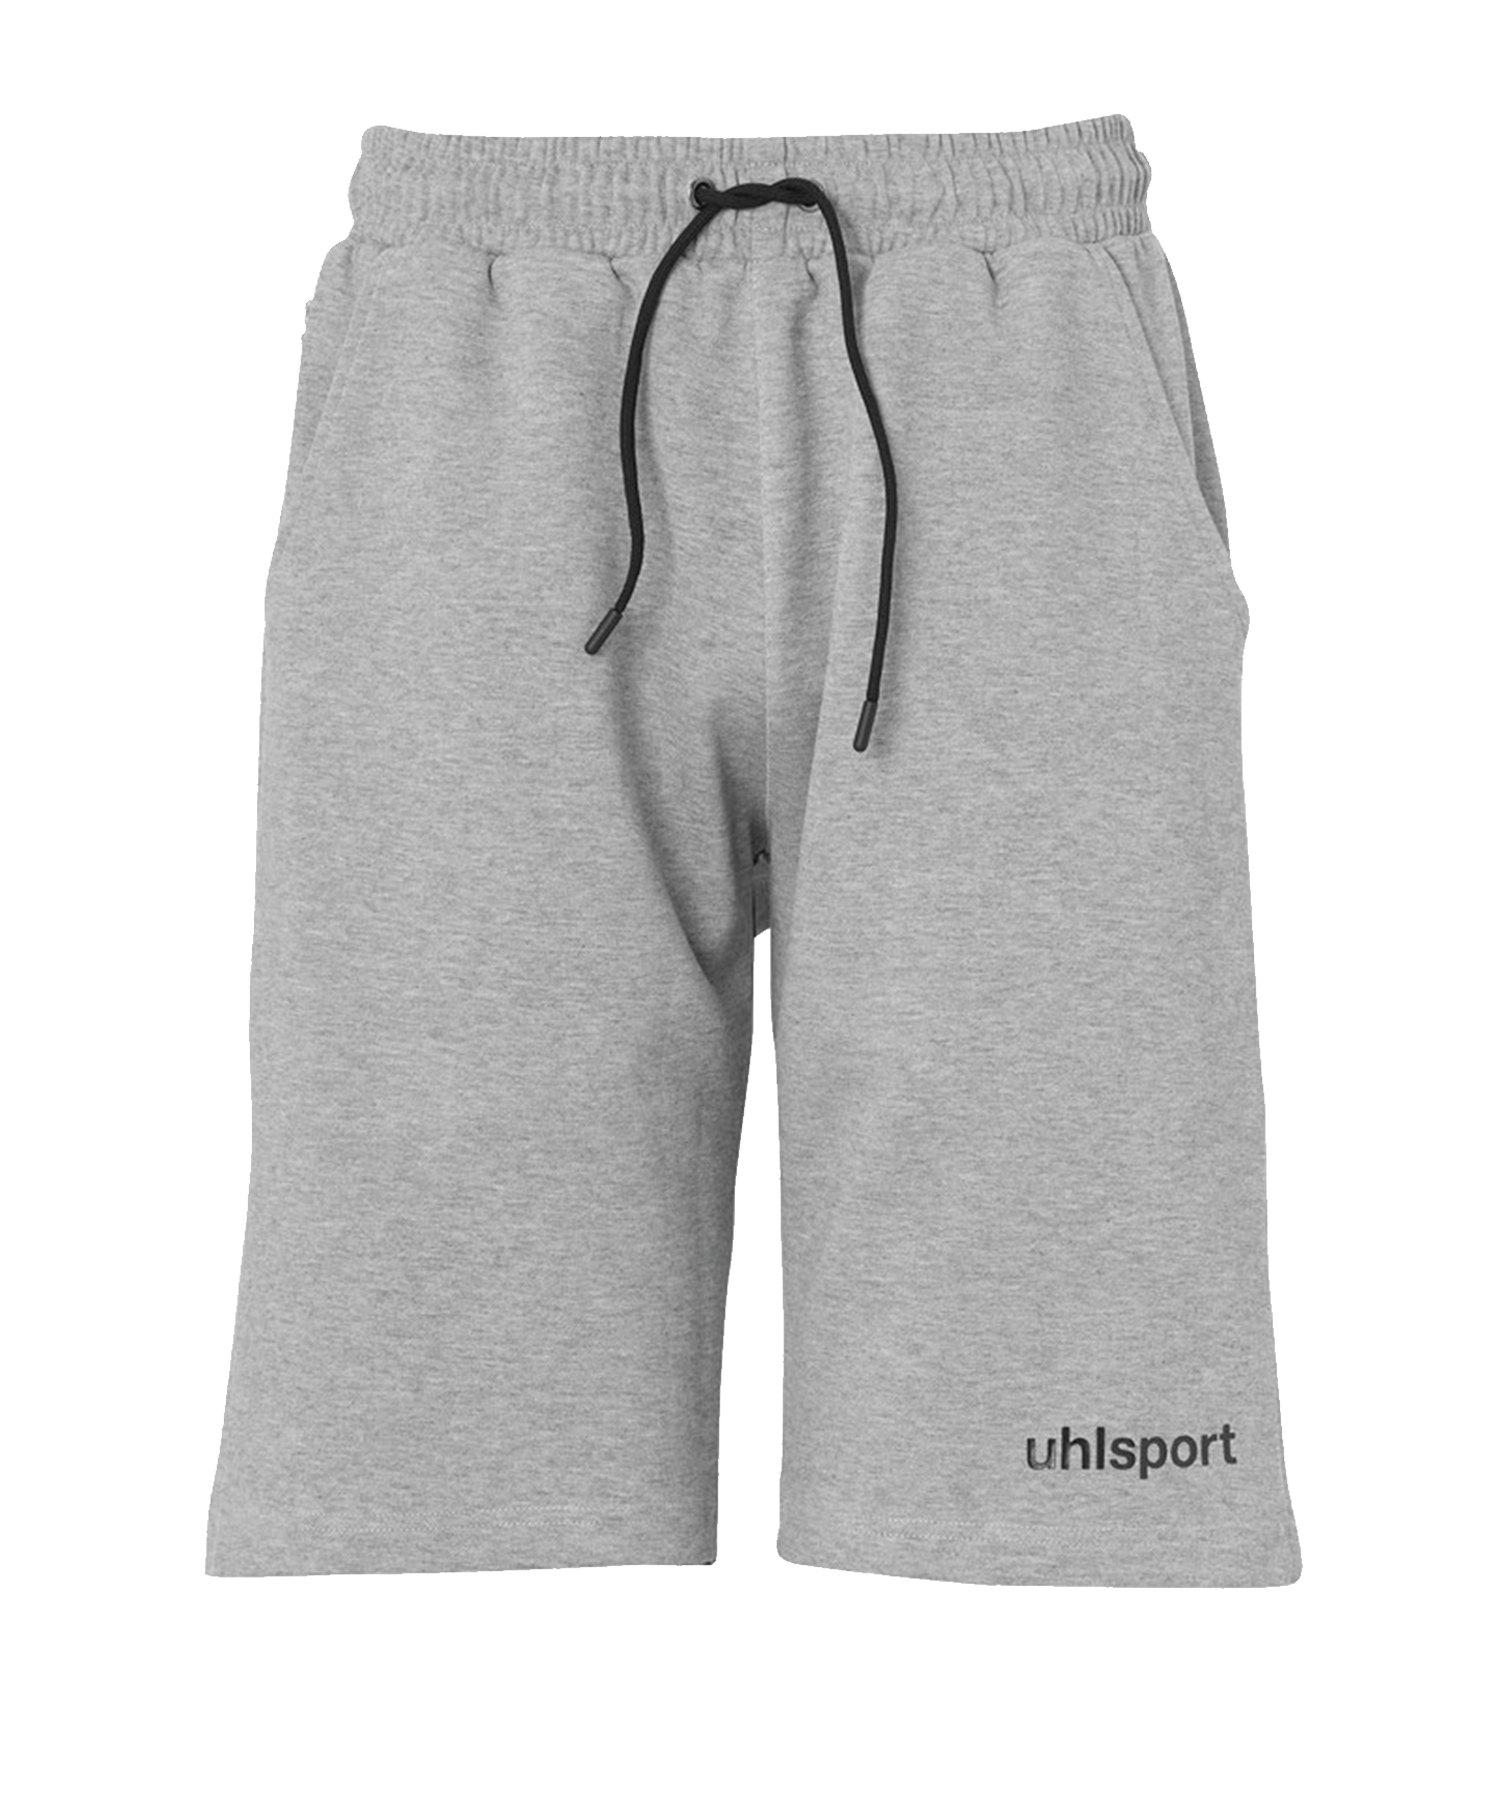 Uhlsport Essential Pro Short Hose kurz F15 - grau